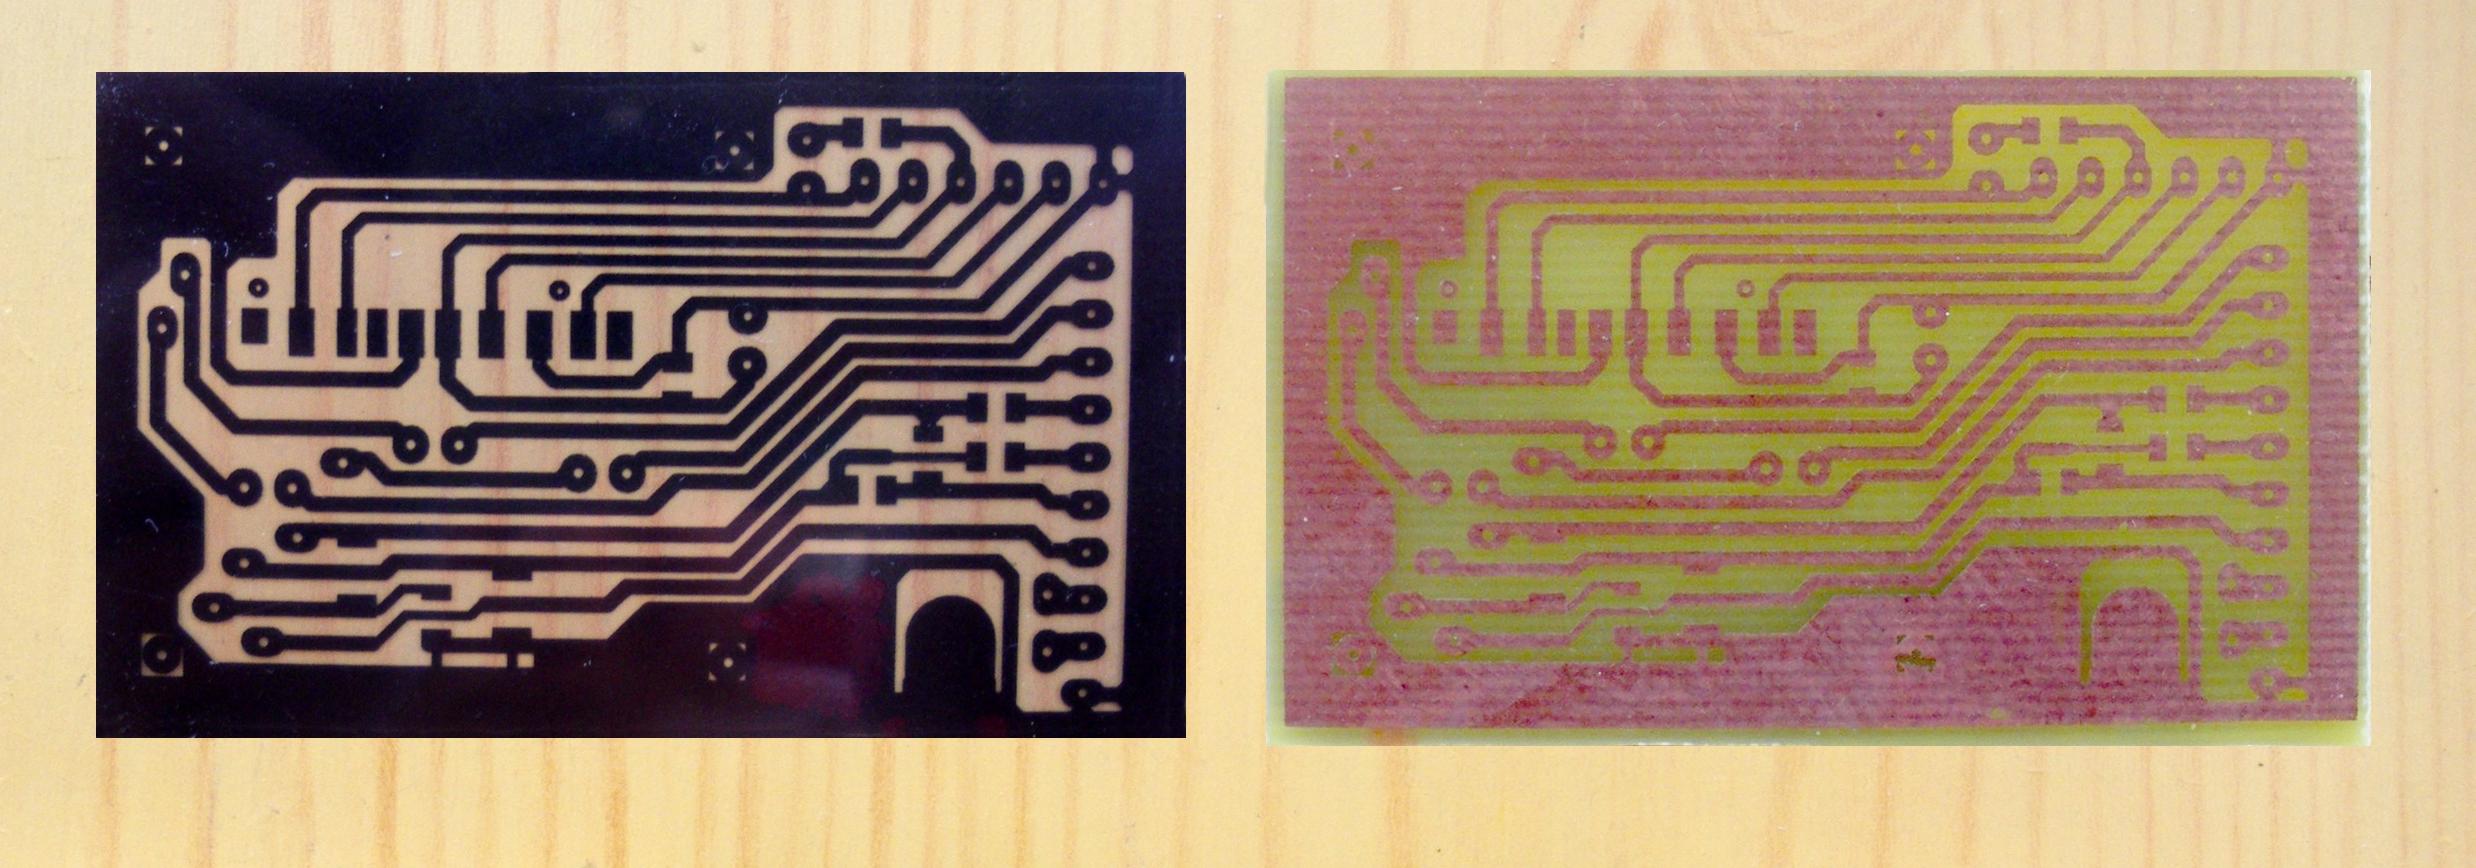 i.ibb.co/YR5NhHg/placa-cobre-fotolito.jpg